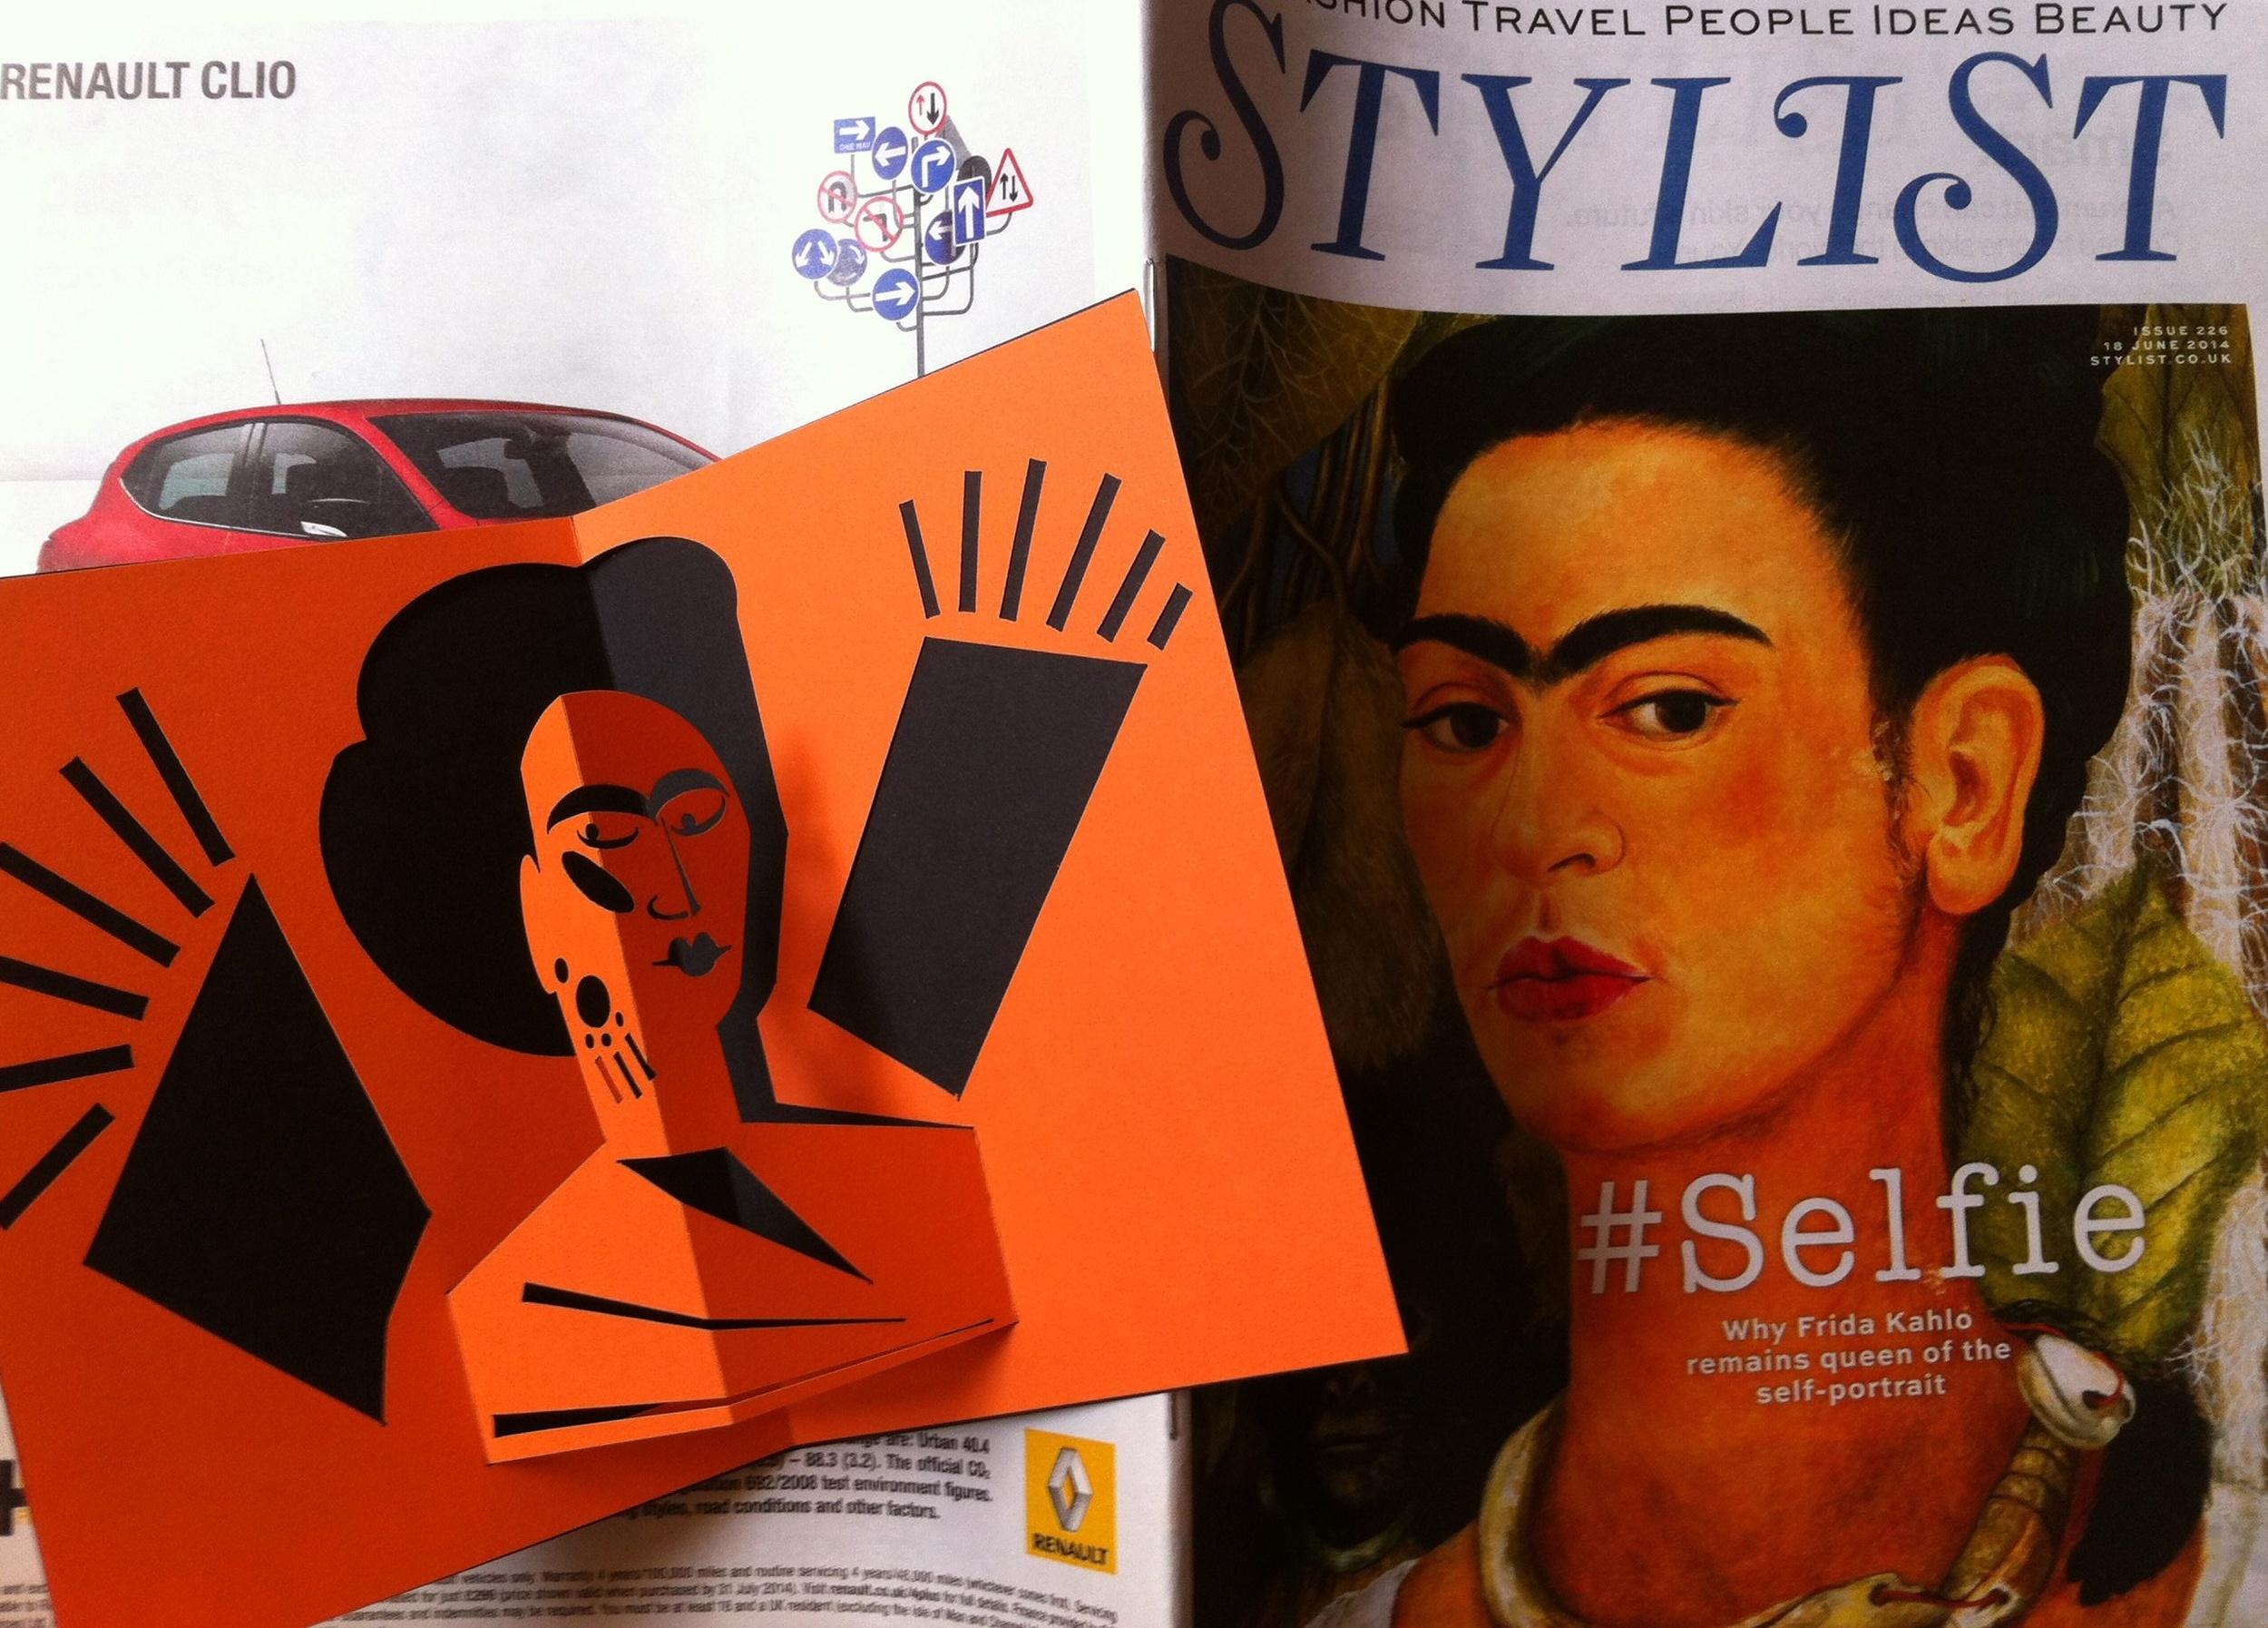 HK Frida Kahlo pop-up card